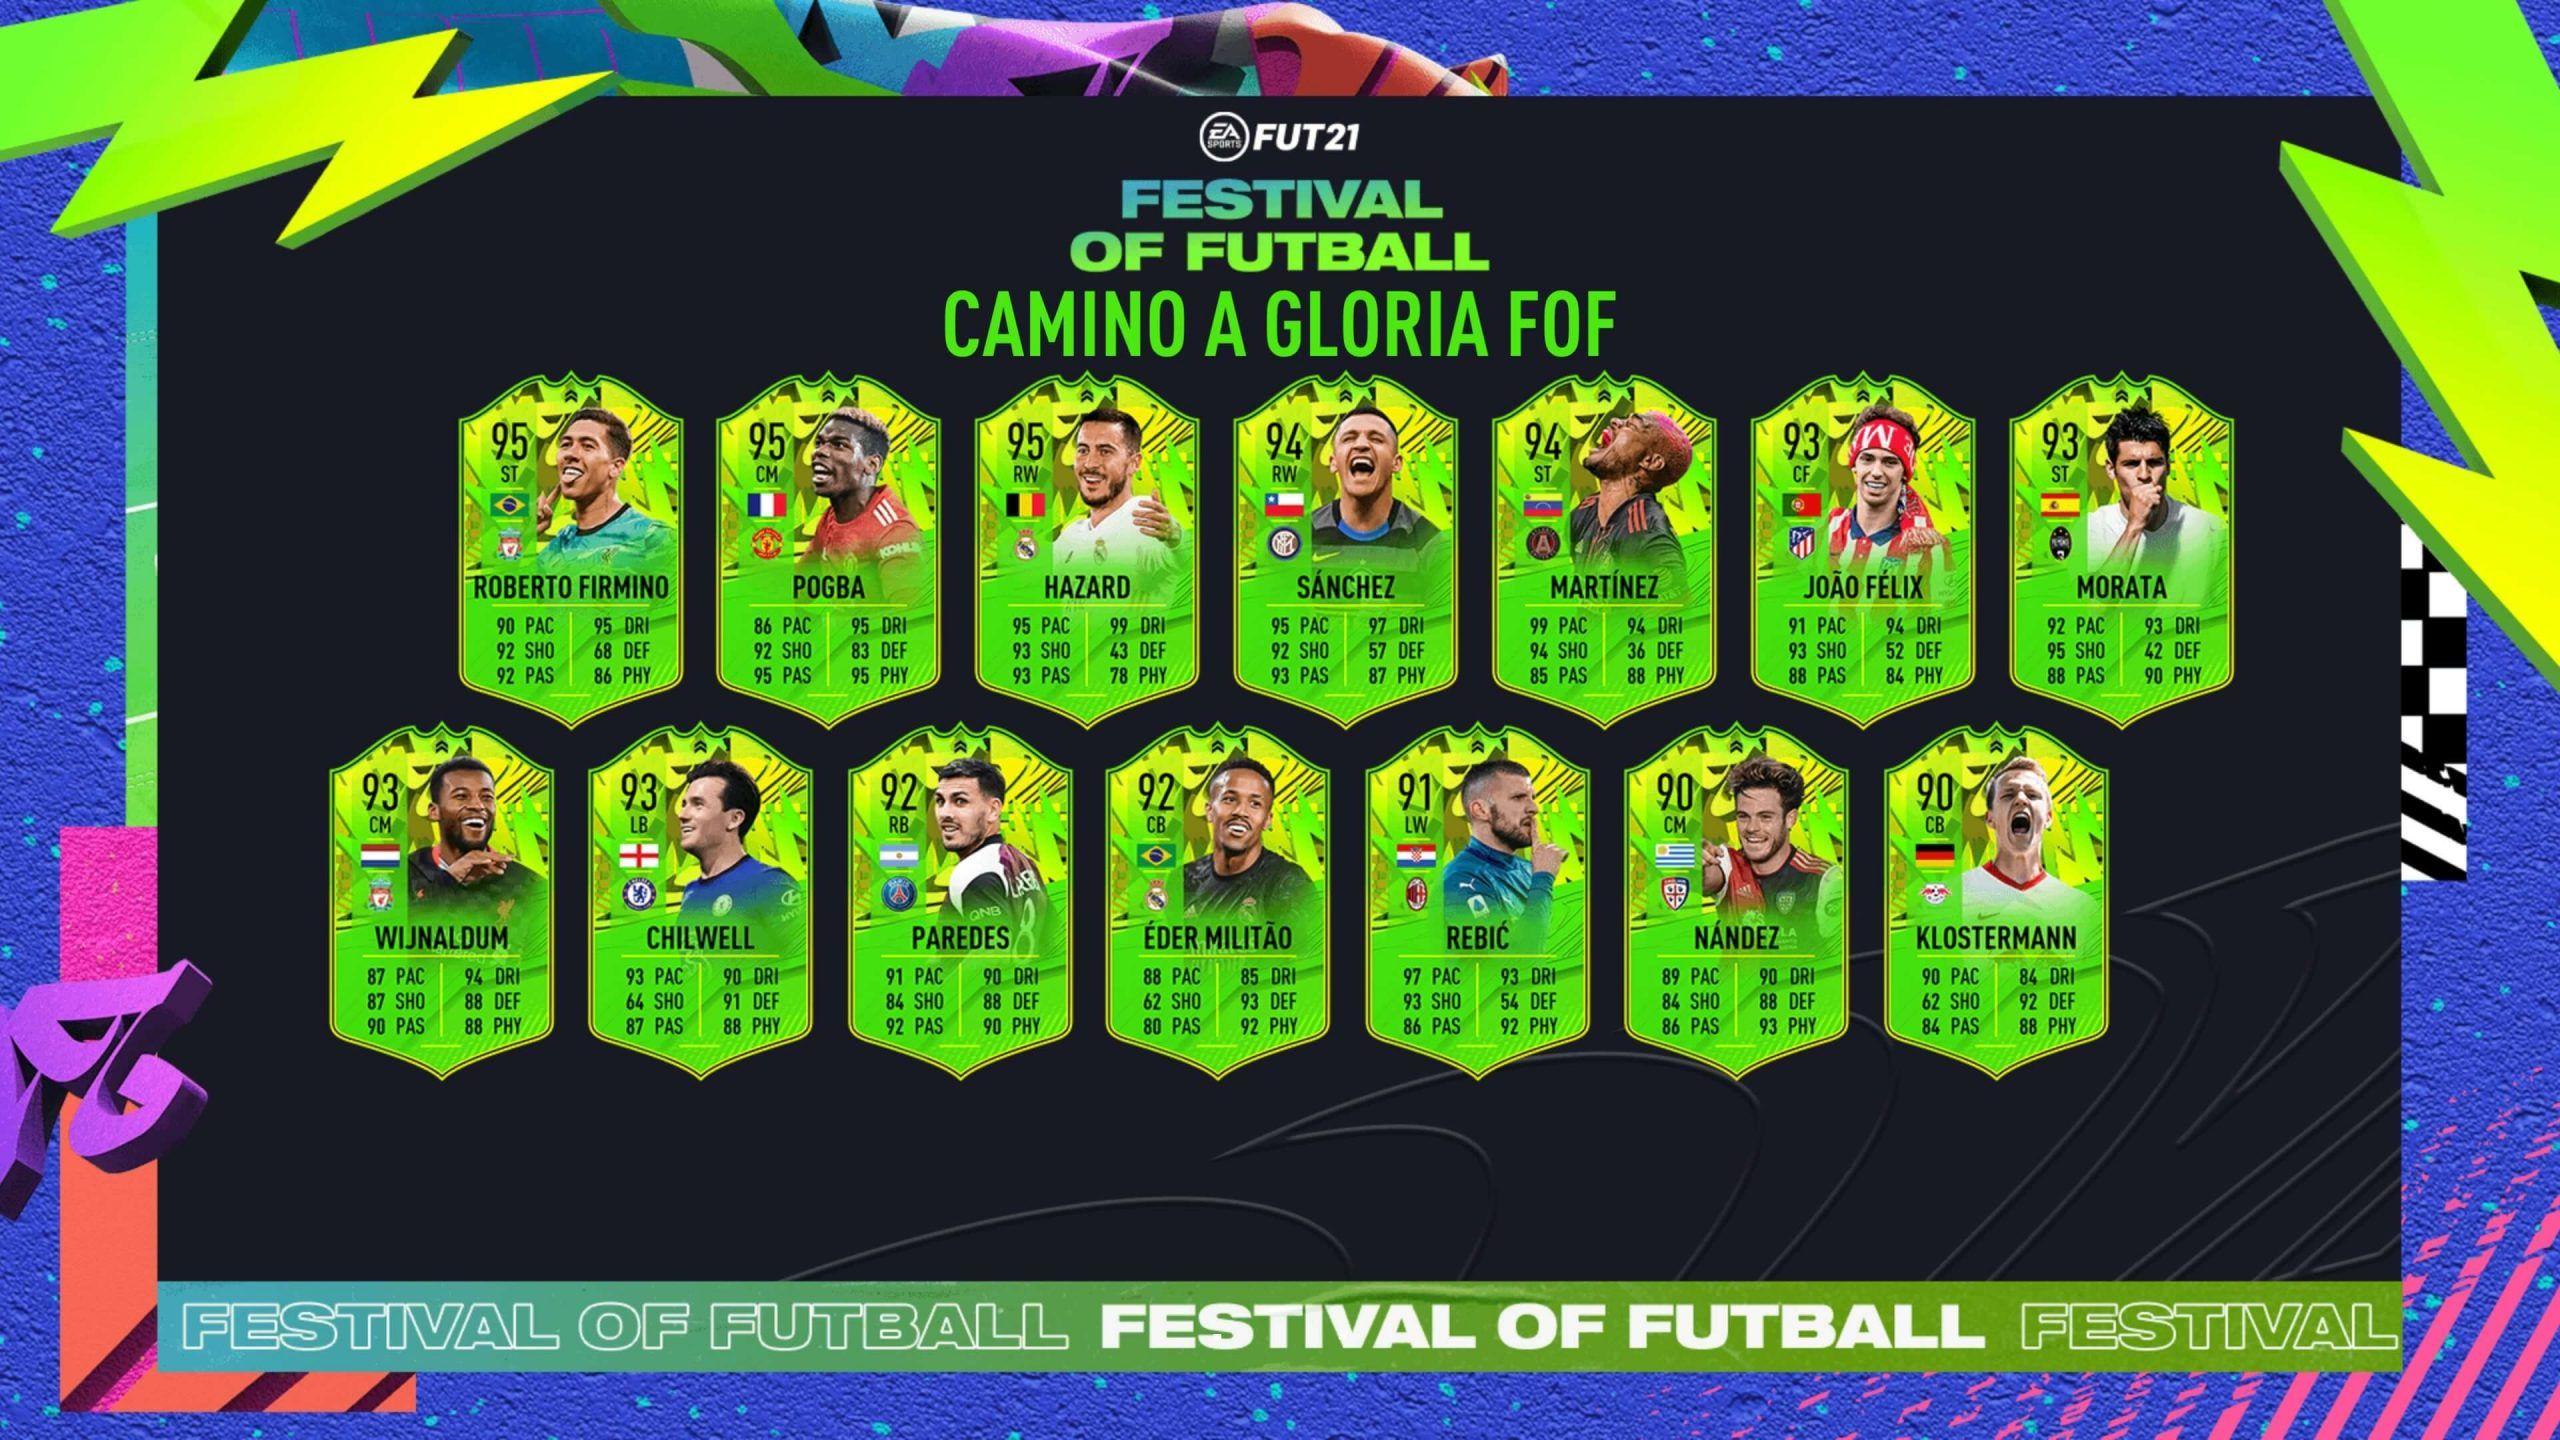 Segundo equipo de Festival of Futball de FIFA 21 Ultimate Team